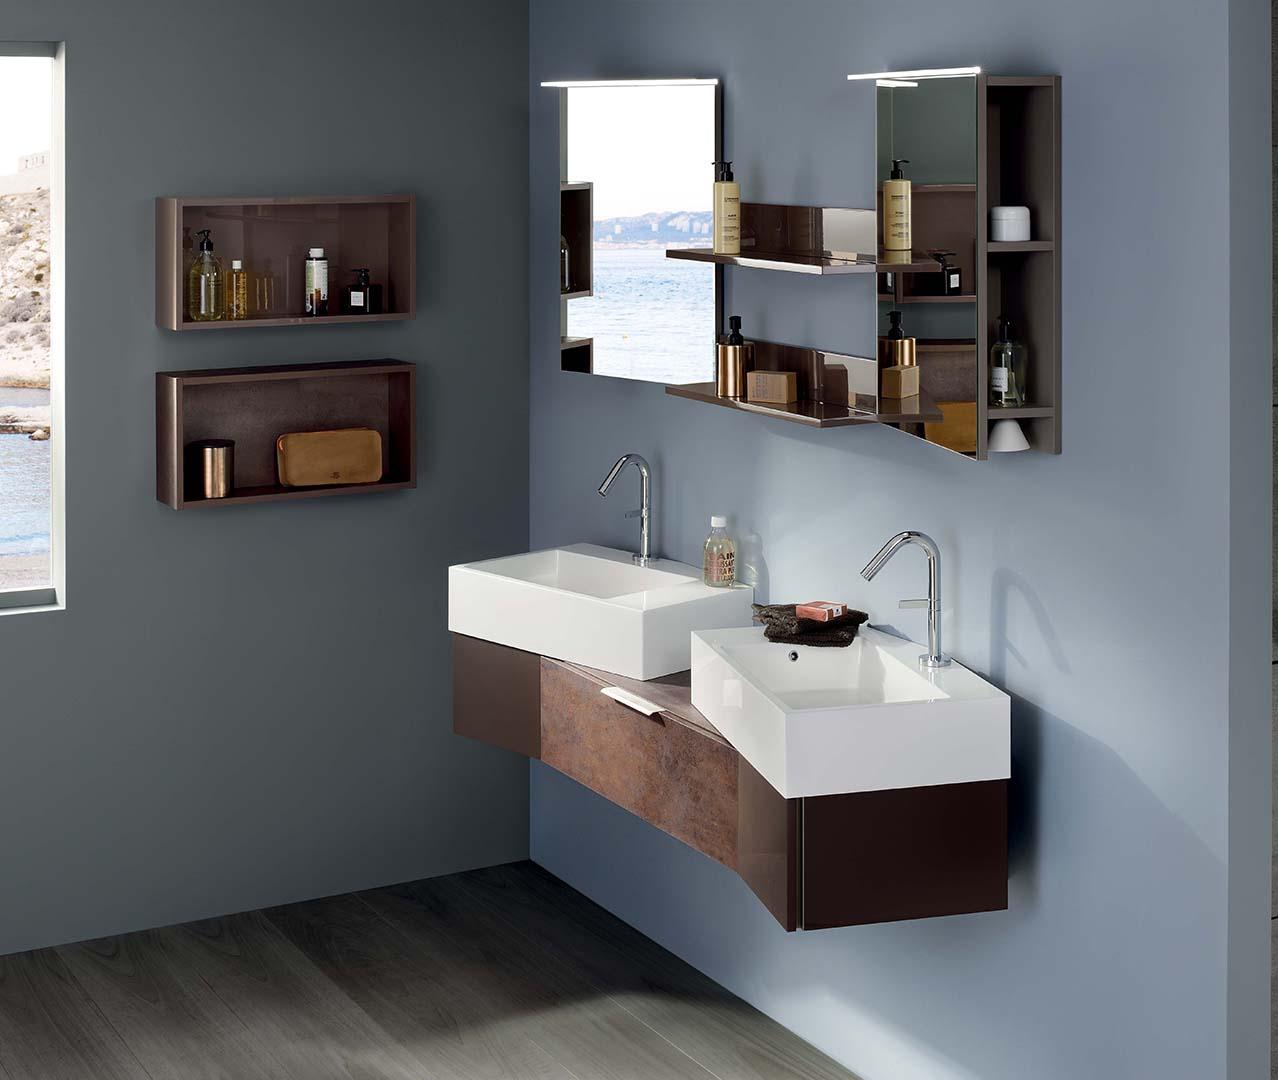 Salle De Bain Cuivree ~ gamme vertigo salle de bain design meuble sdb sanijura